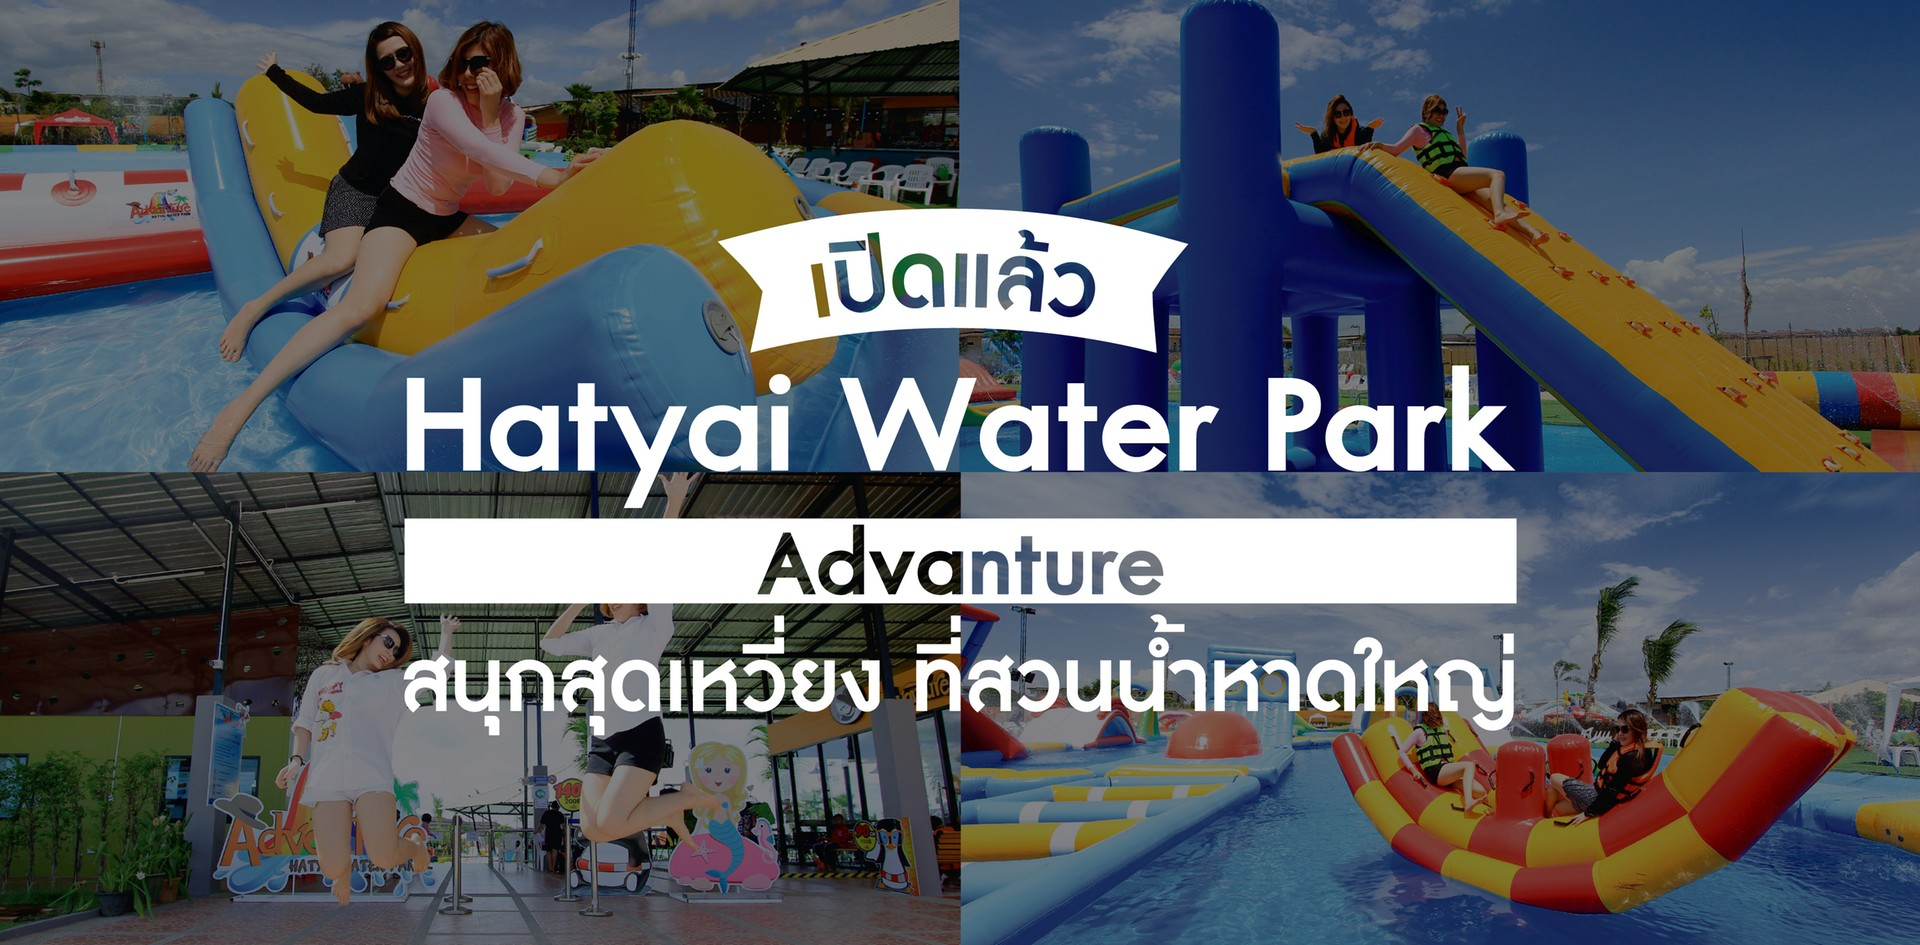 เปิดแล้ว! Hatyai Water Park Advanture สนุกสุดเหวี่ยงที่สวนน้ำหาดใหญ่